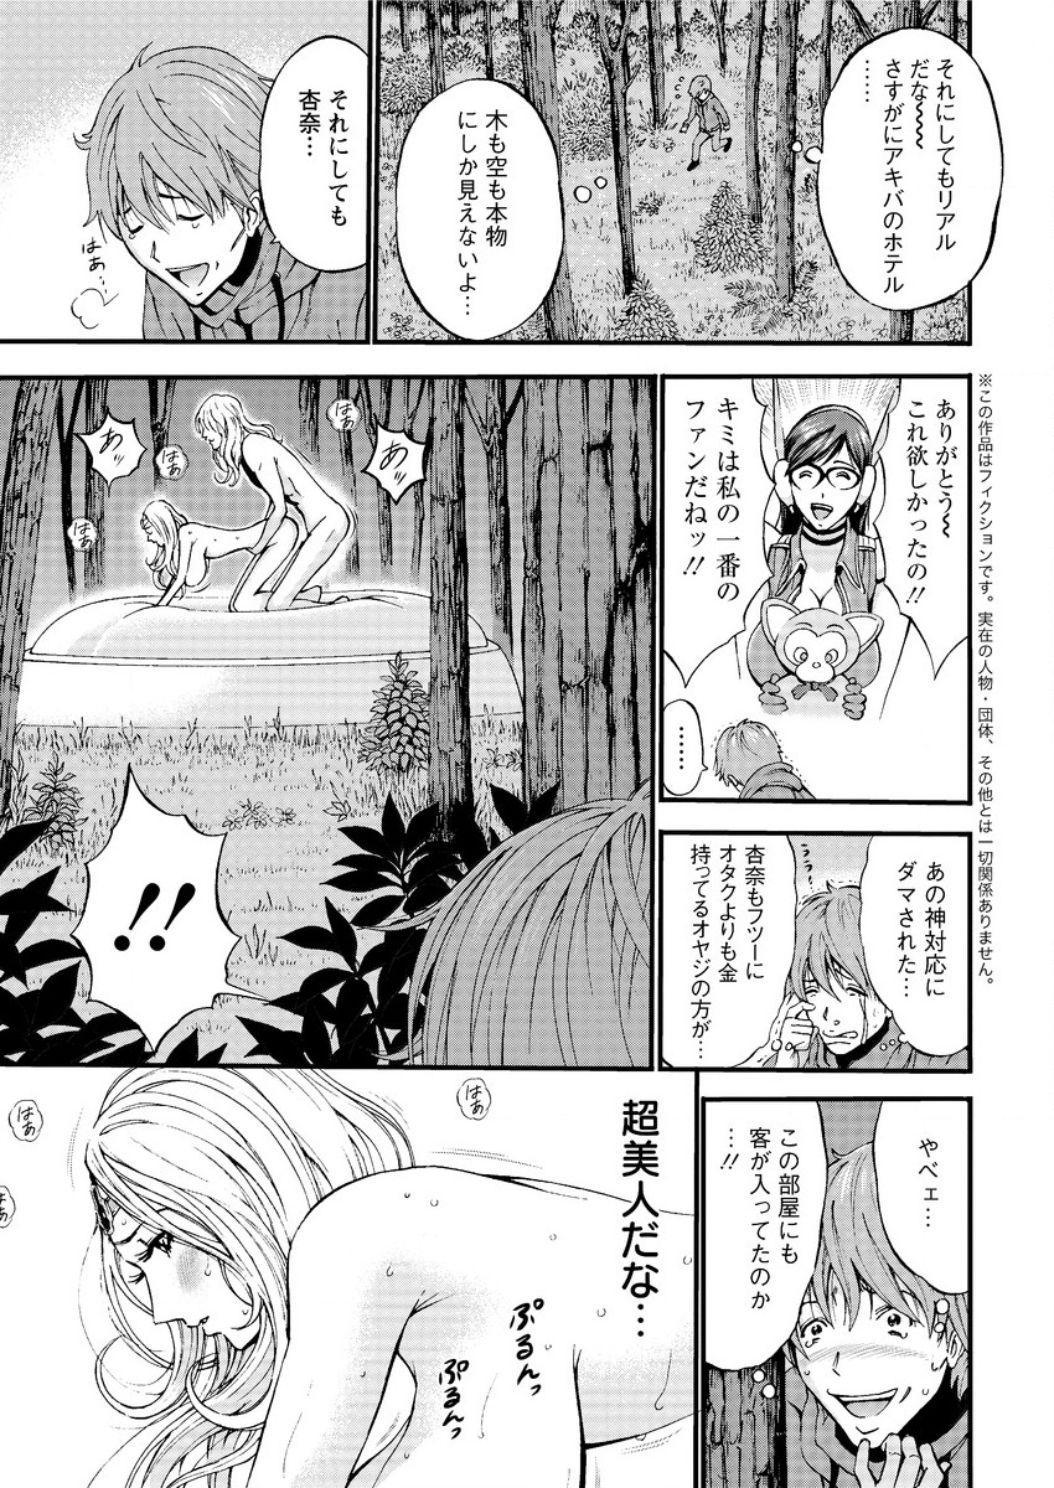 Seireki 2200 Nen no Ota Ch. 1-21 9